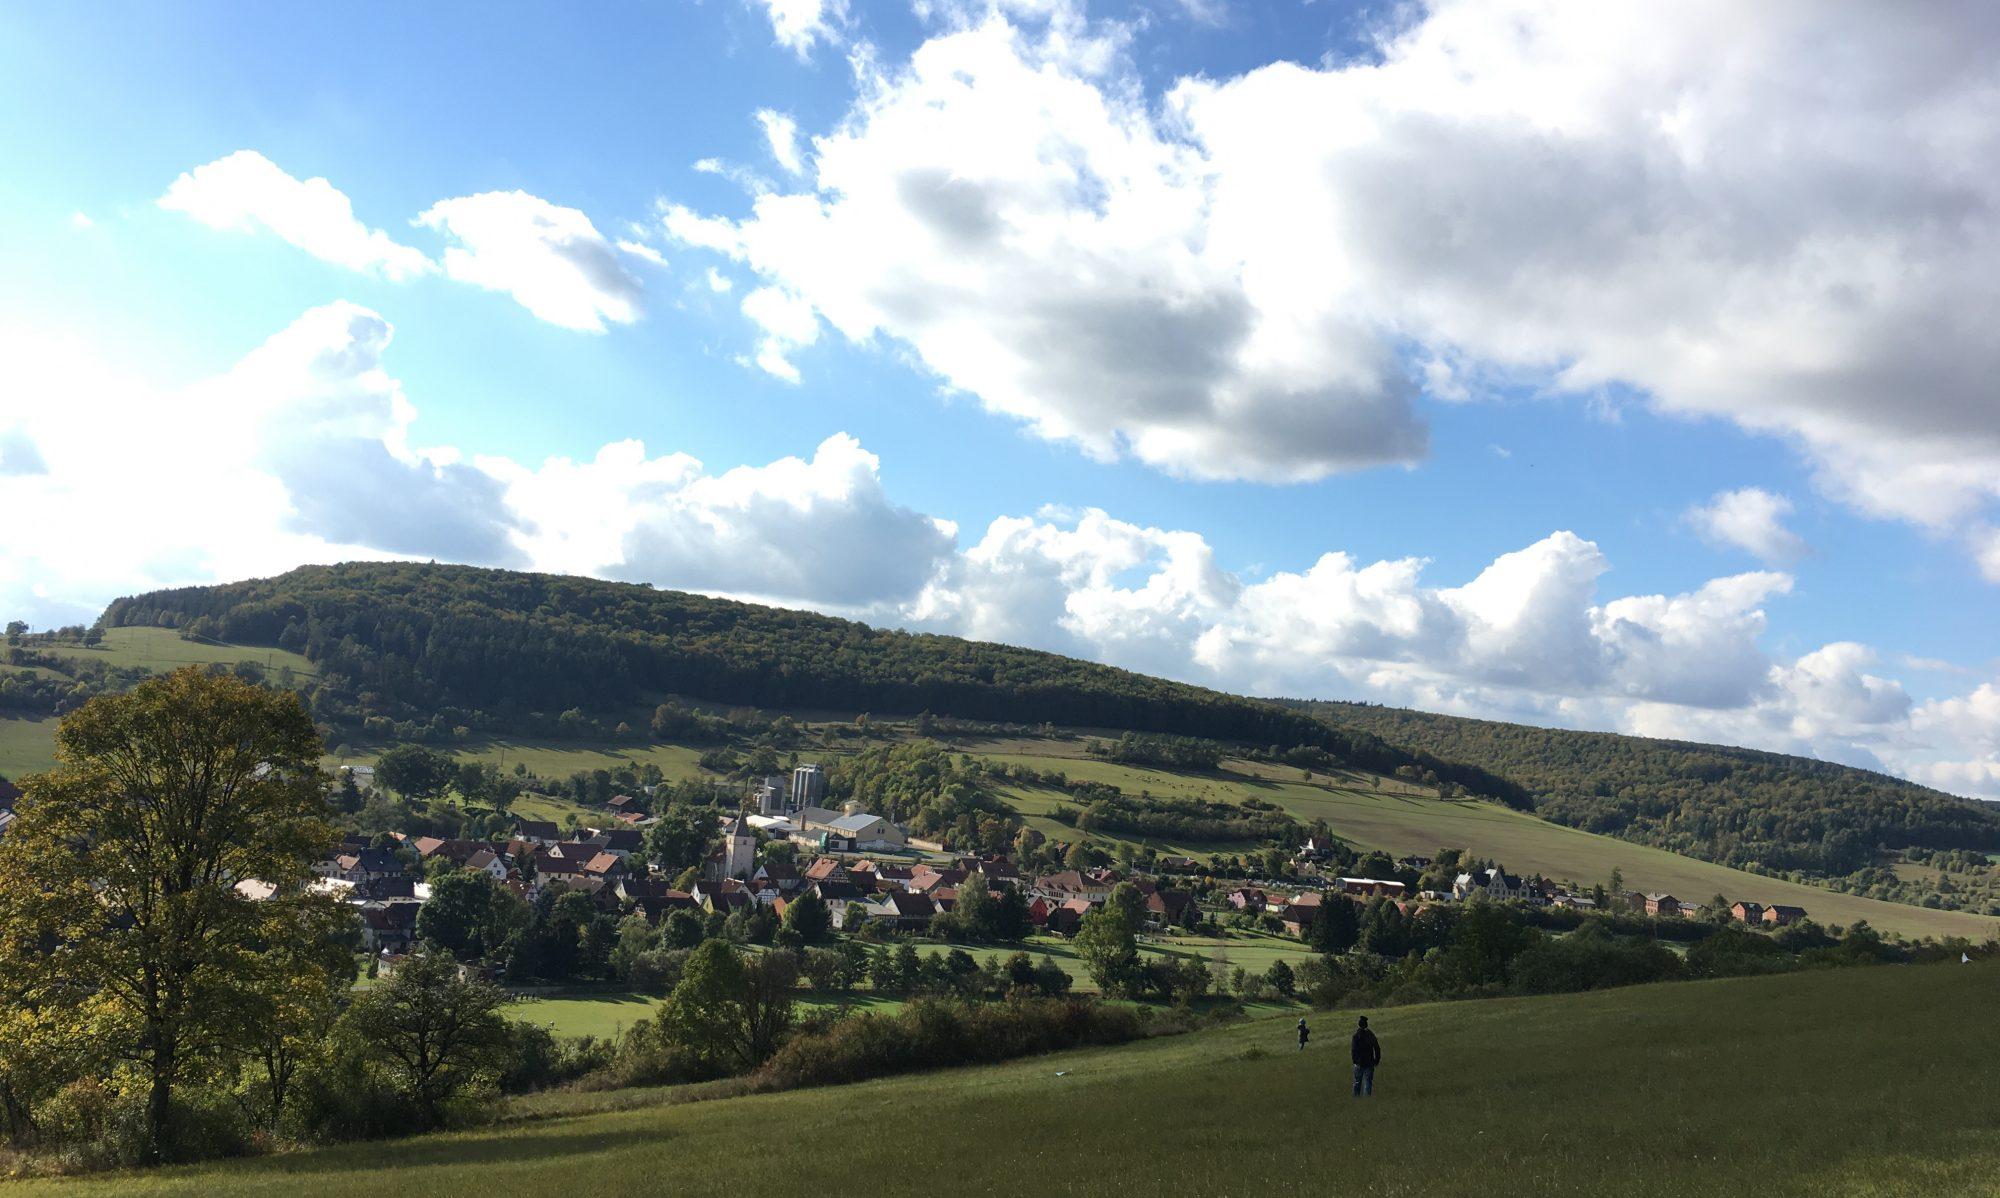 Friedensrasen Ritschenhausen